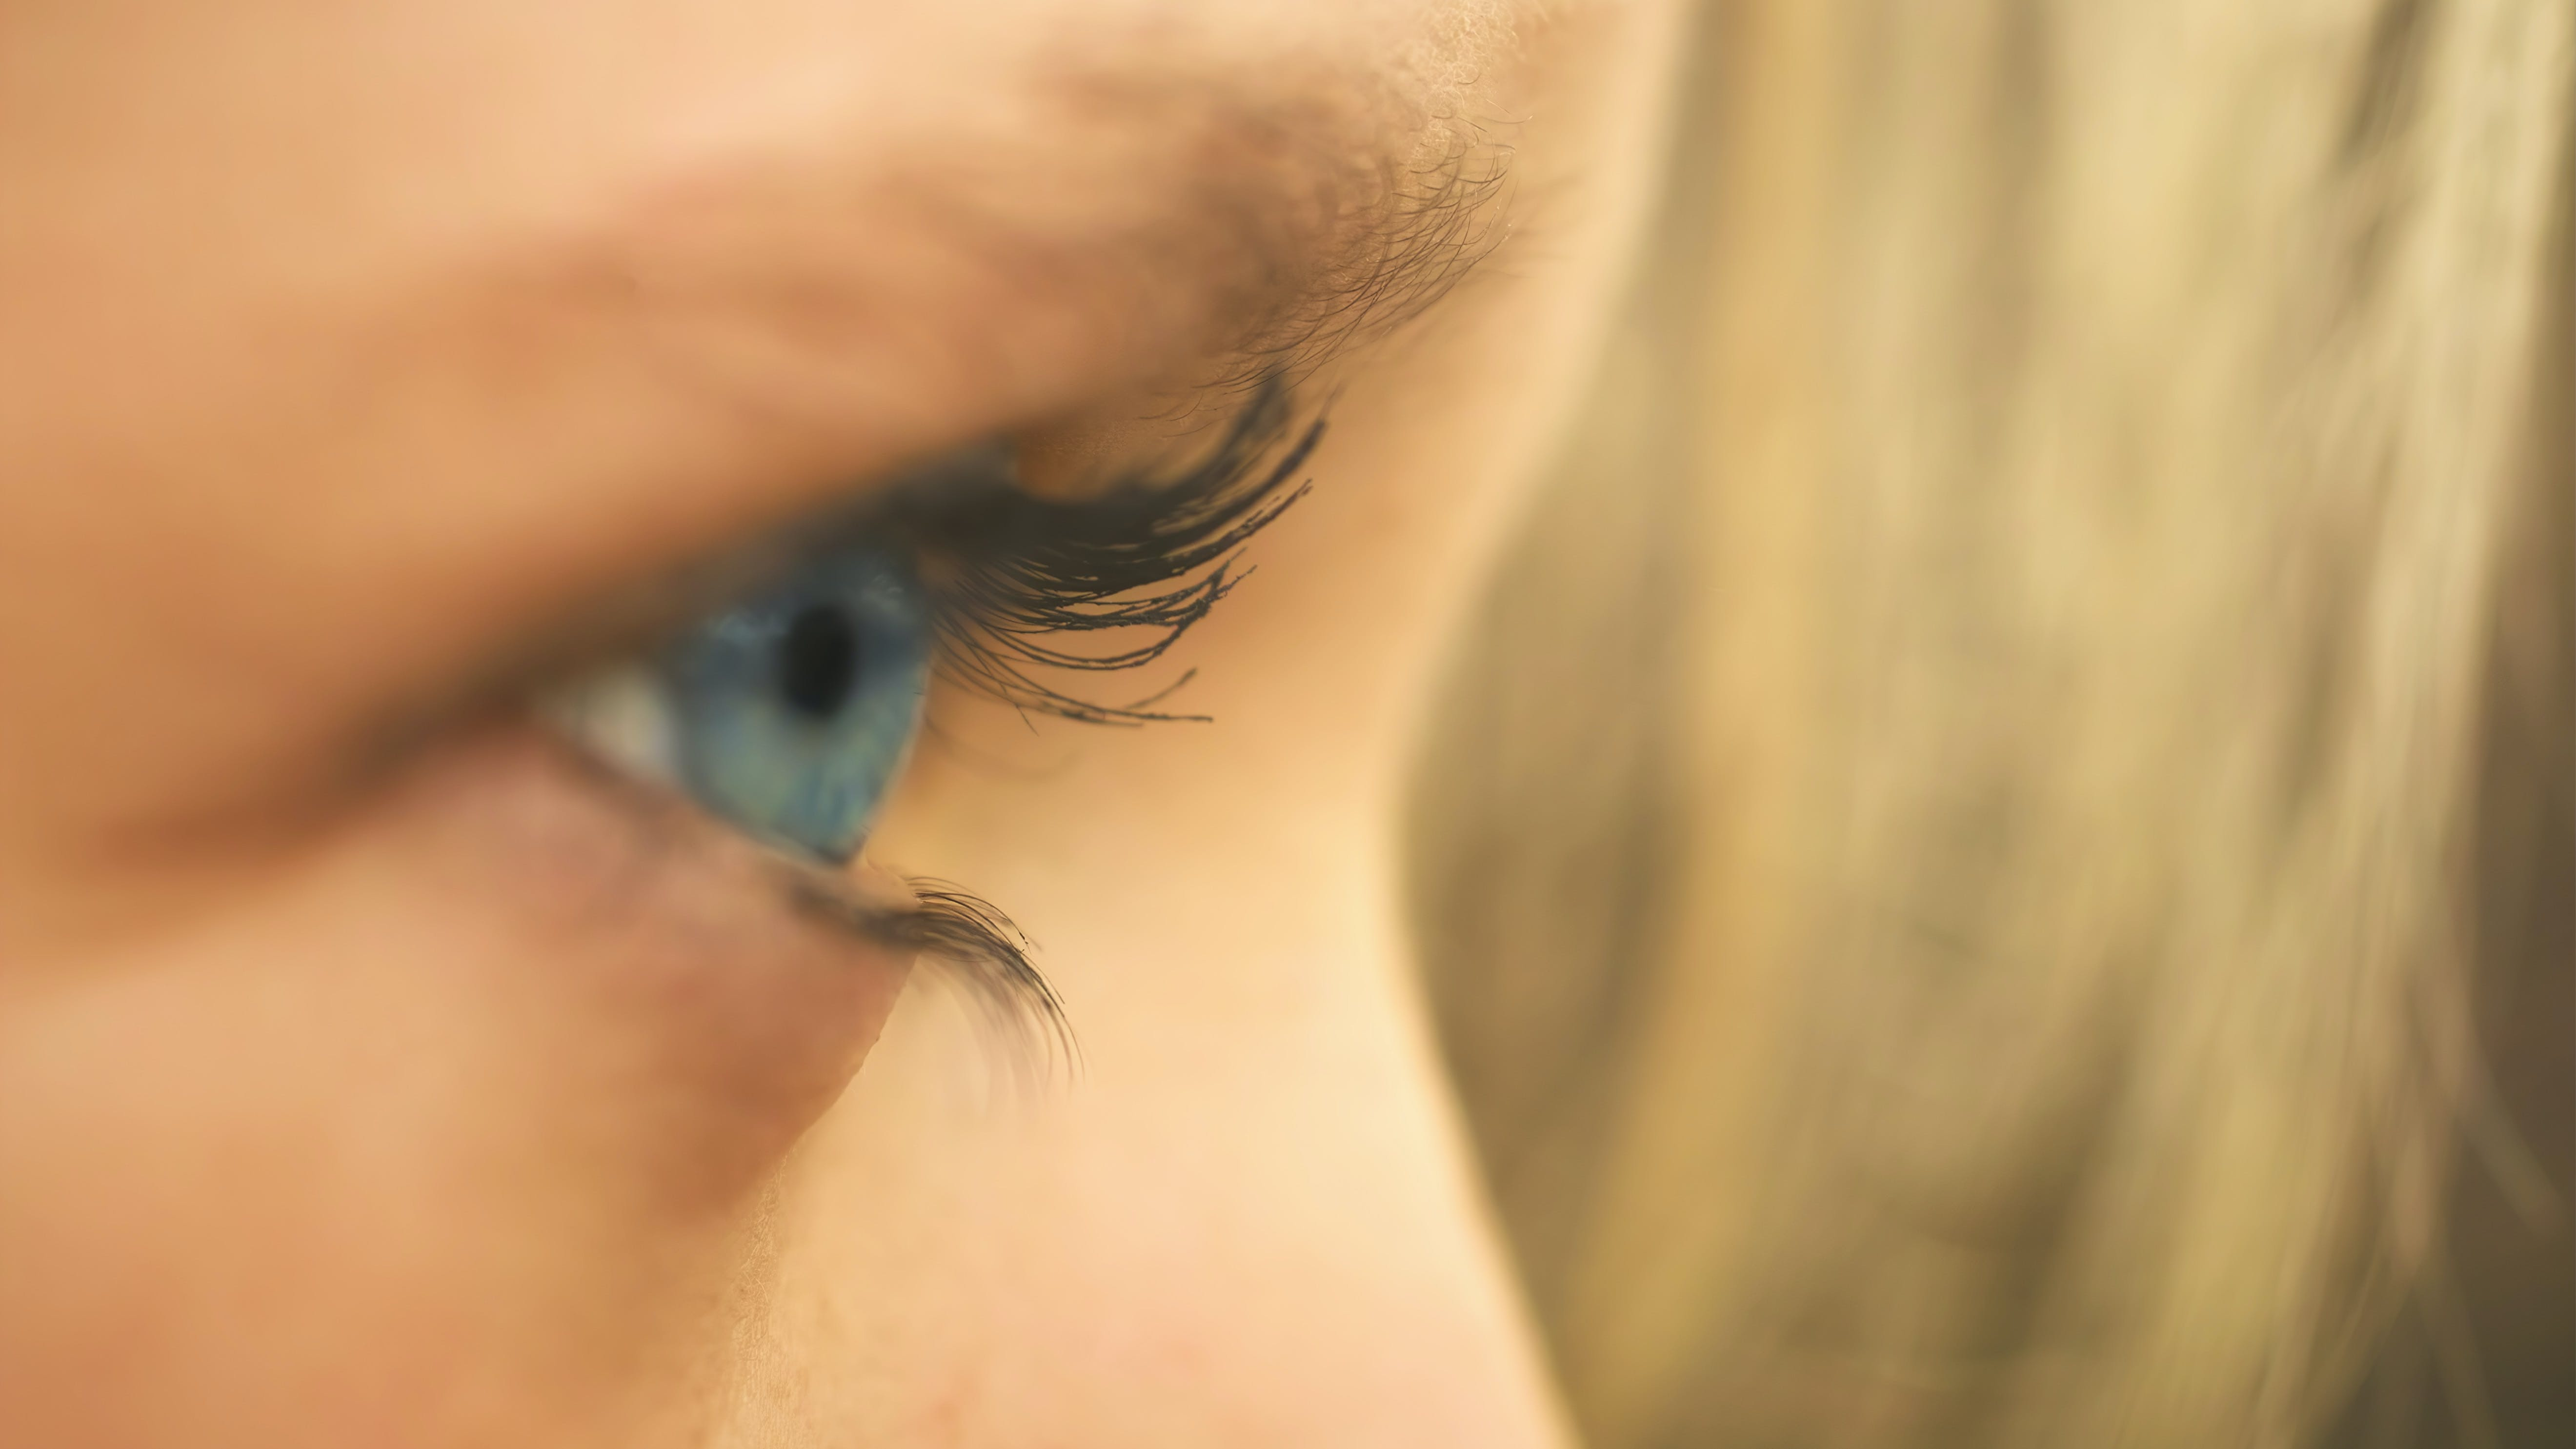 Gratis stockfoto met blauwe ogen, blurry, close-up, concentratie